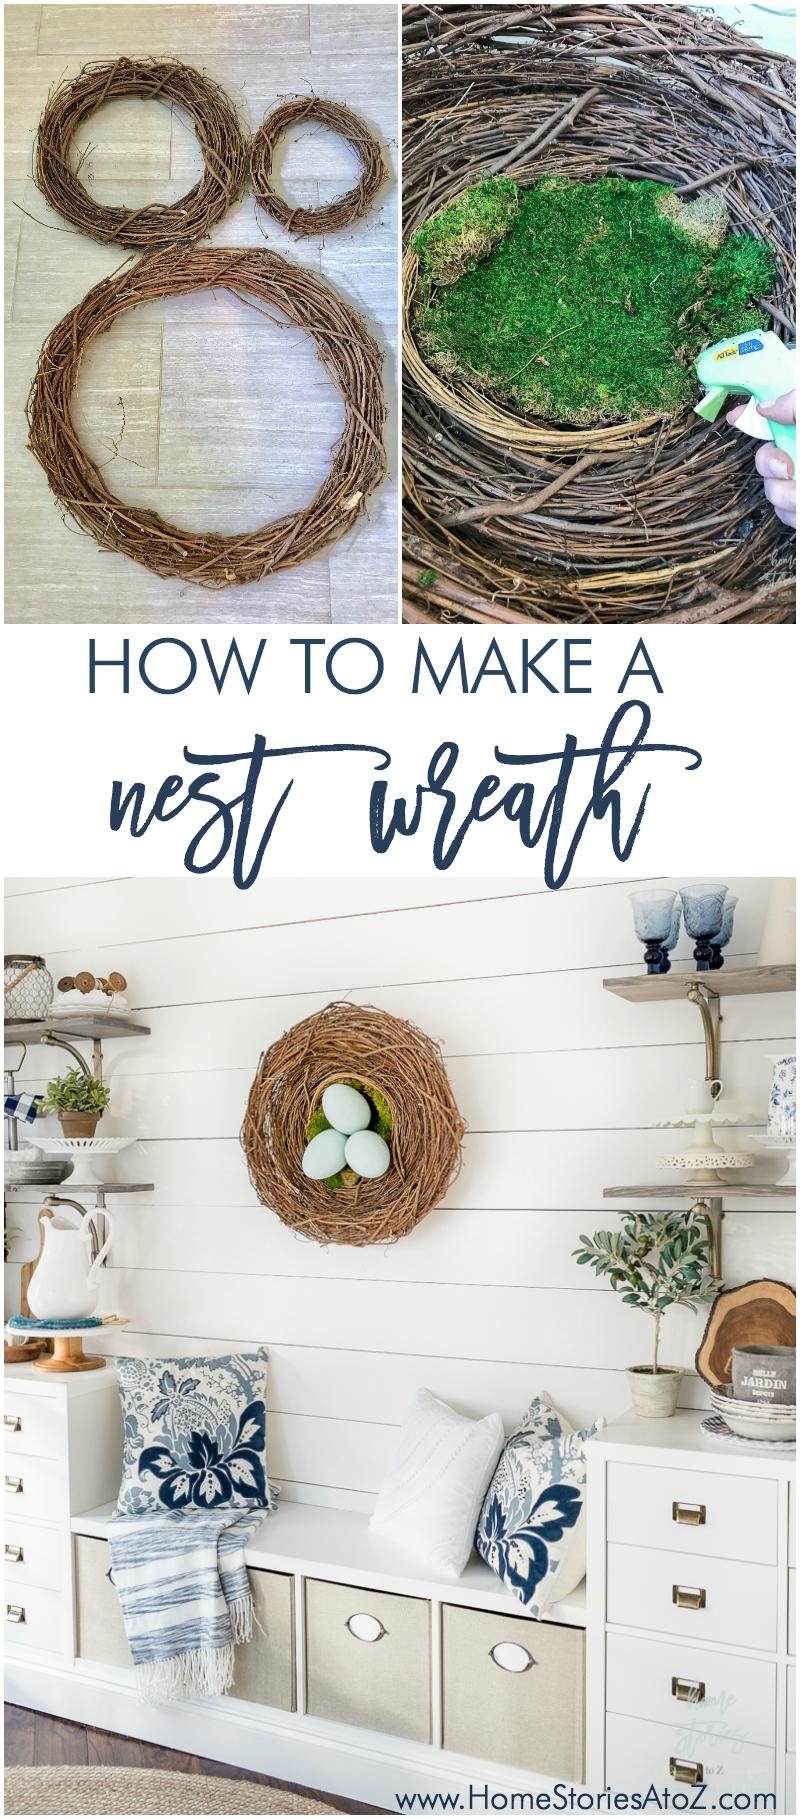 DIY Wreath Nest Wreath Easter Wreath